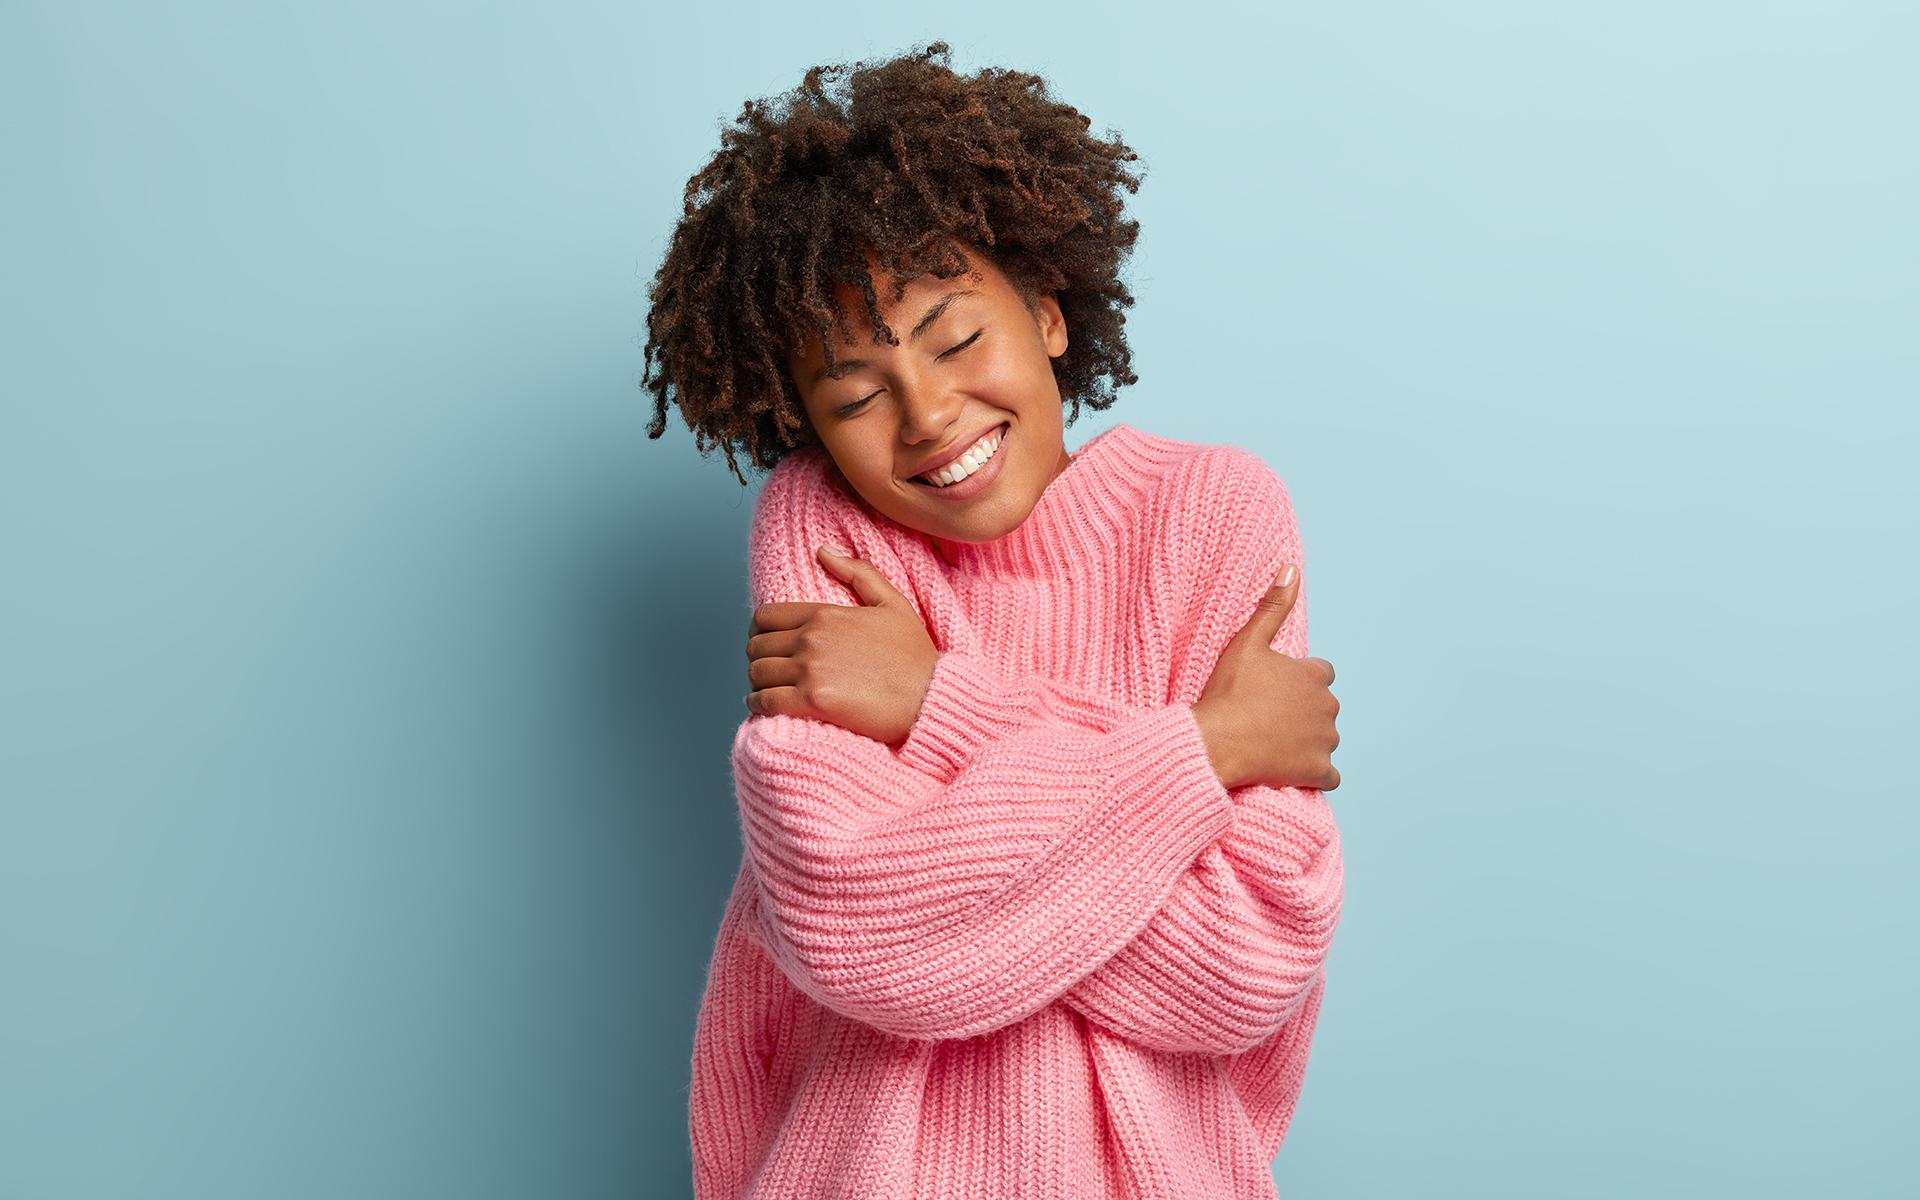 Αυτοφροντίδα: Αγάπησε και φρόντισε τον εαυτό σου